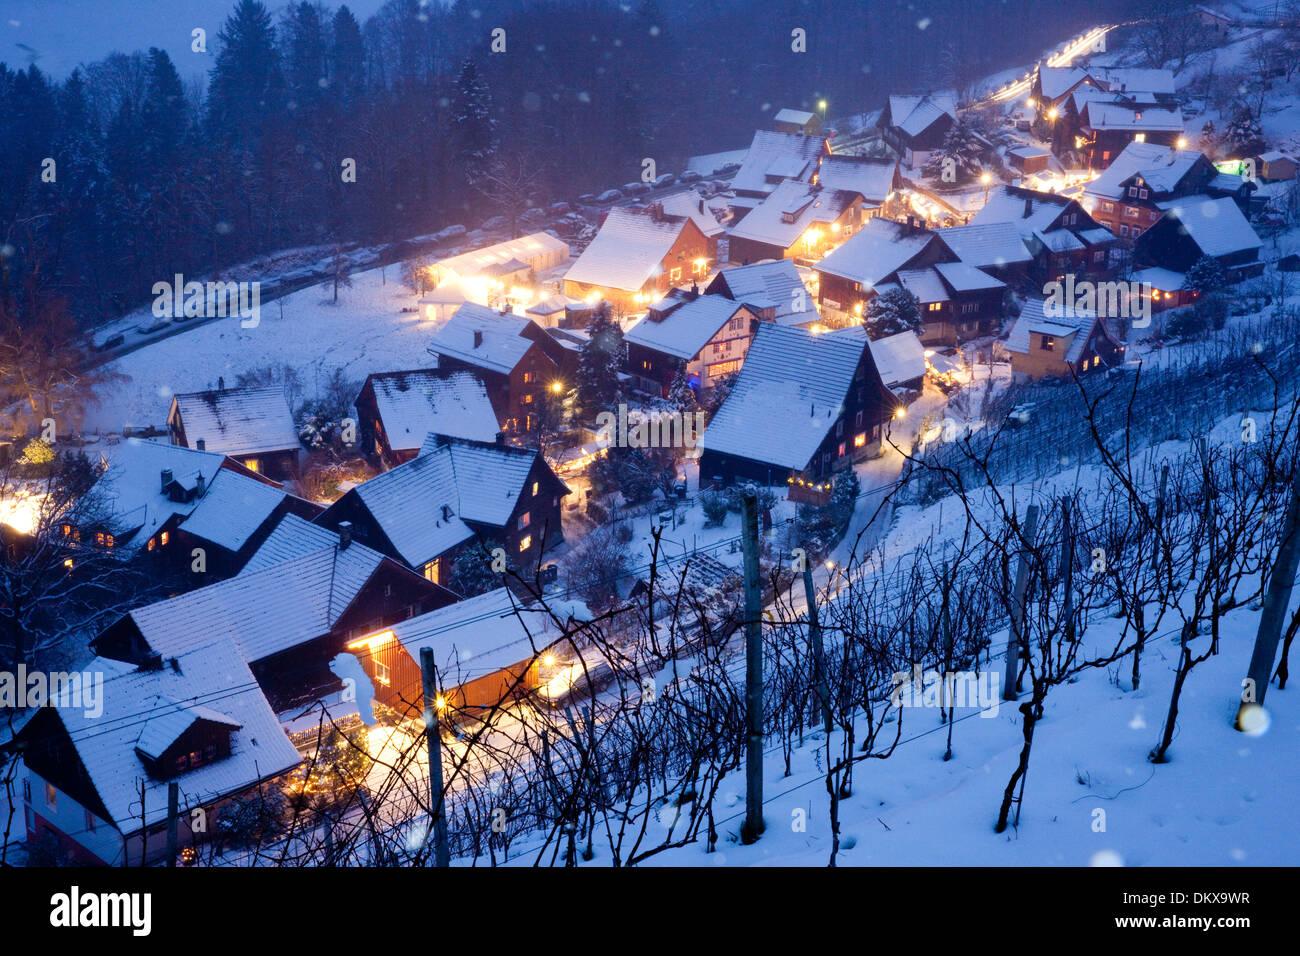 Switzerland Europe Night Wienacht Village Dark Winter